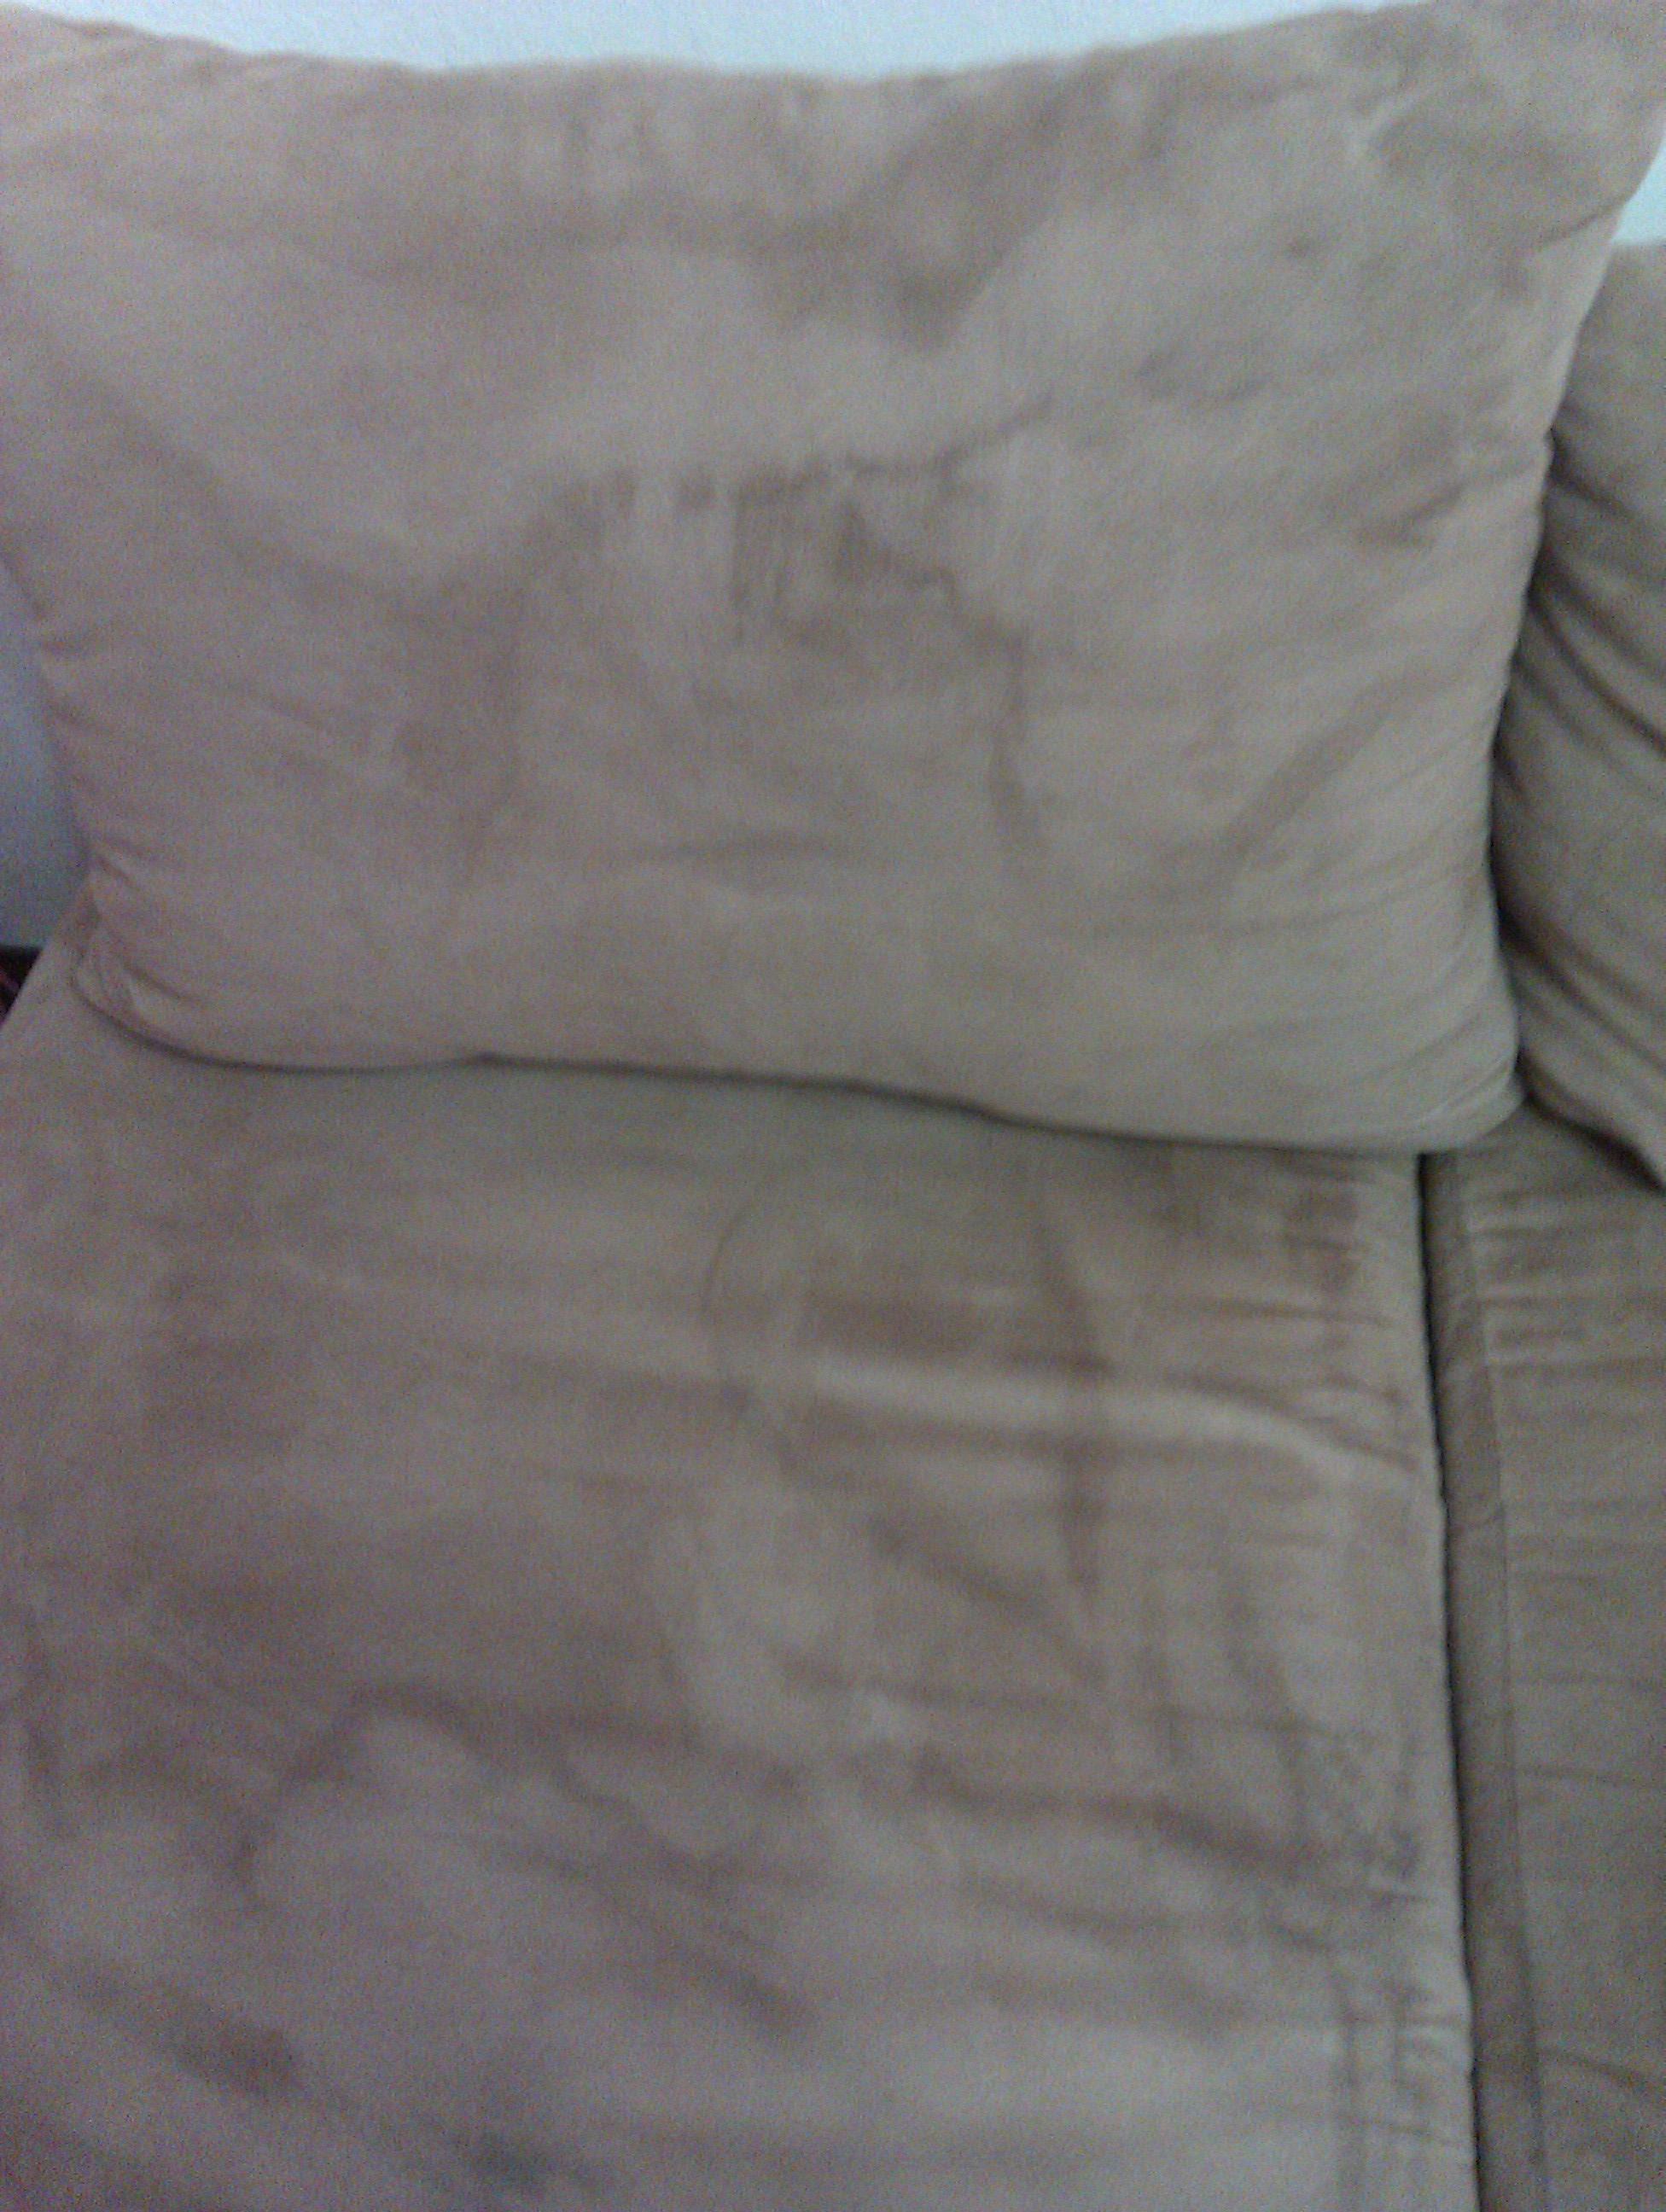 wie bekomme ich schnell wasserflecken aus meiner microfaser couch reinigung. Black Bedroom Furniture Sets. Home Design Ideas